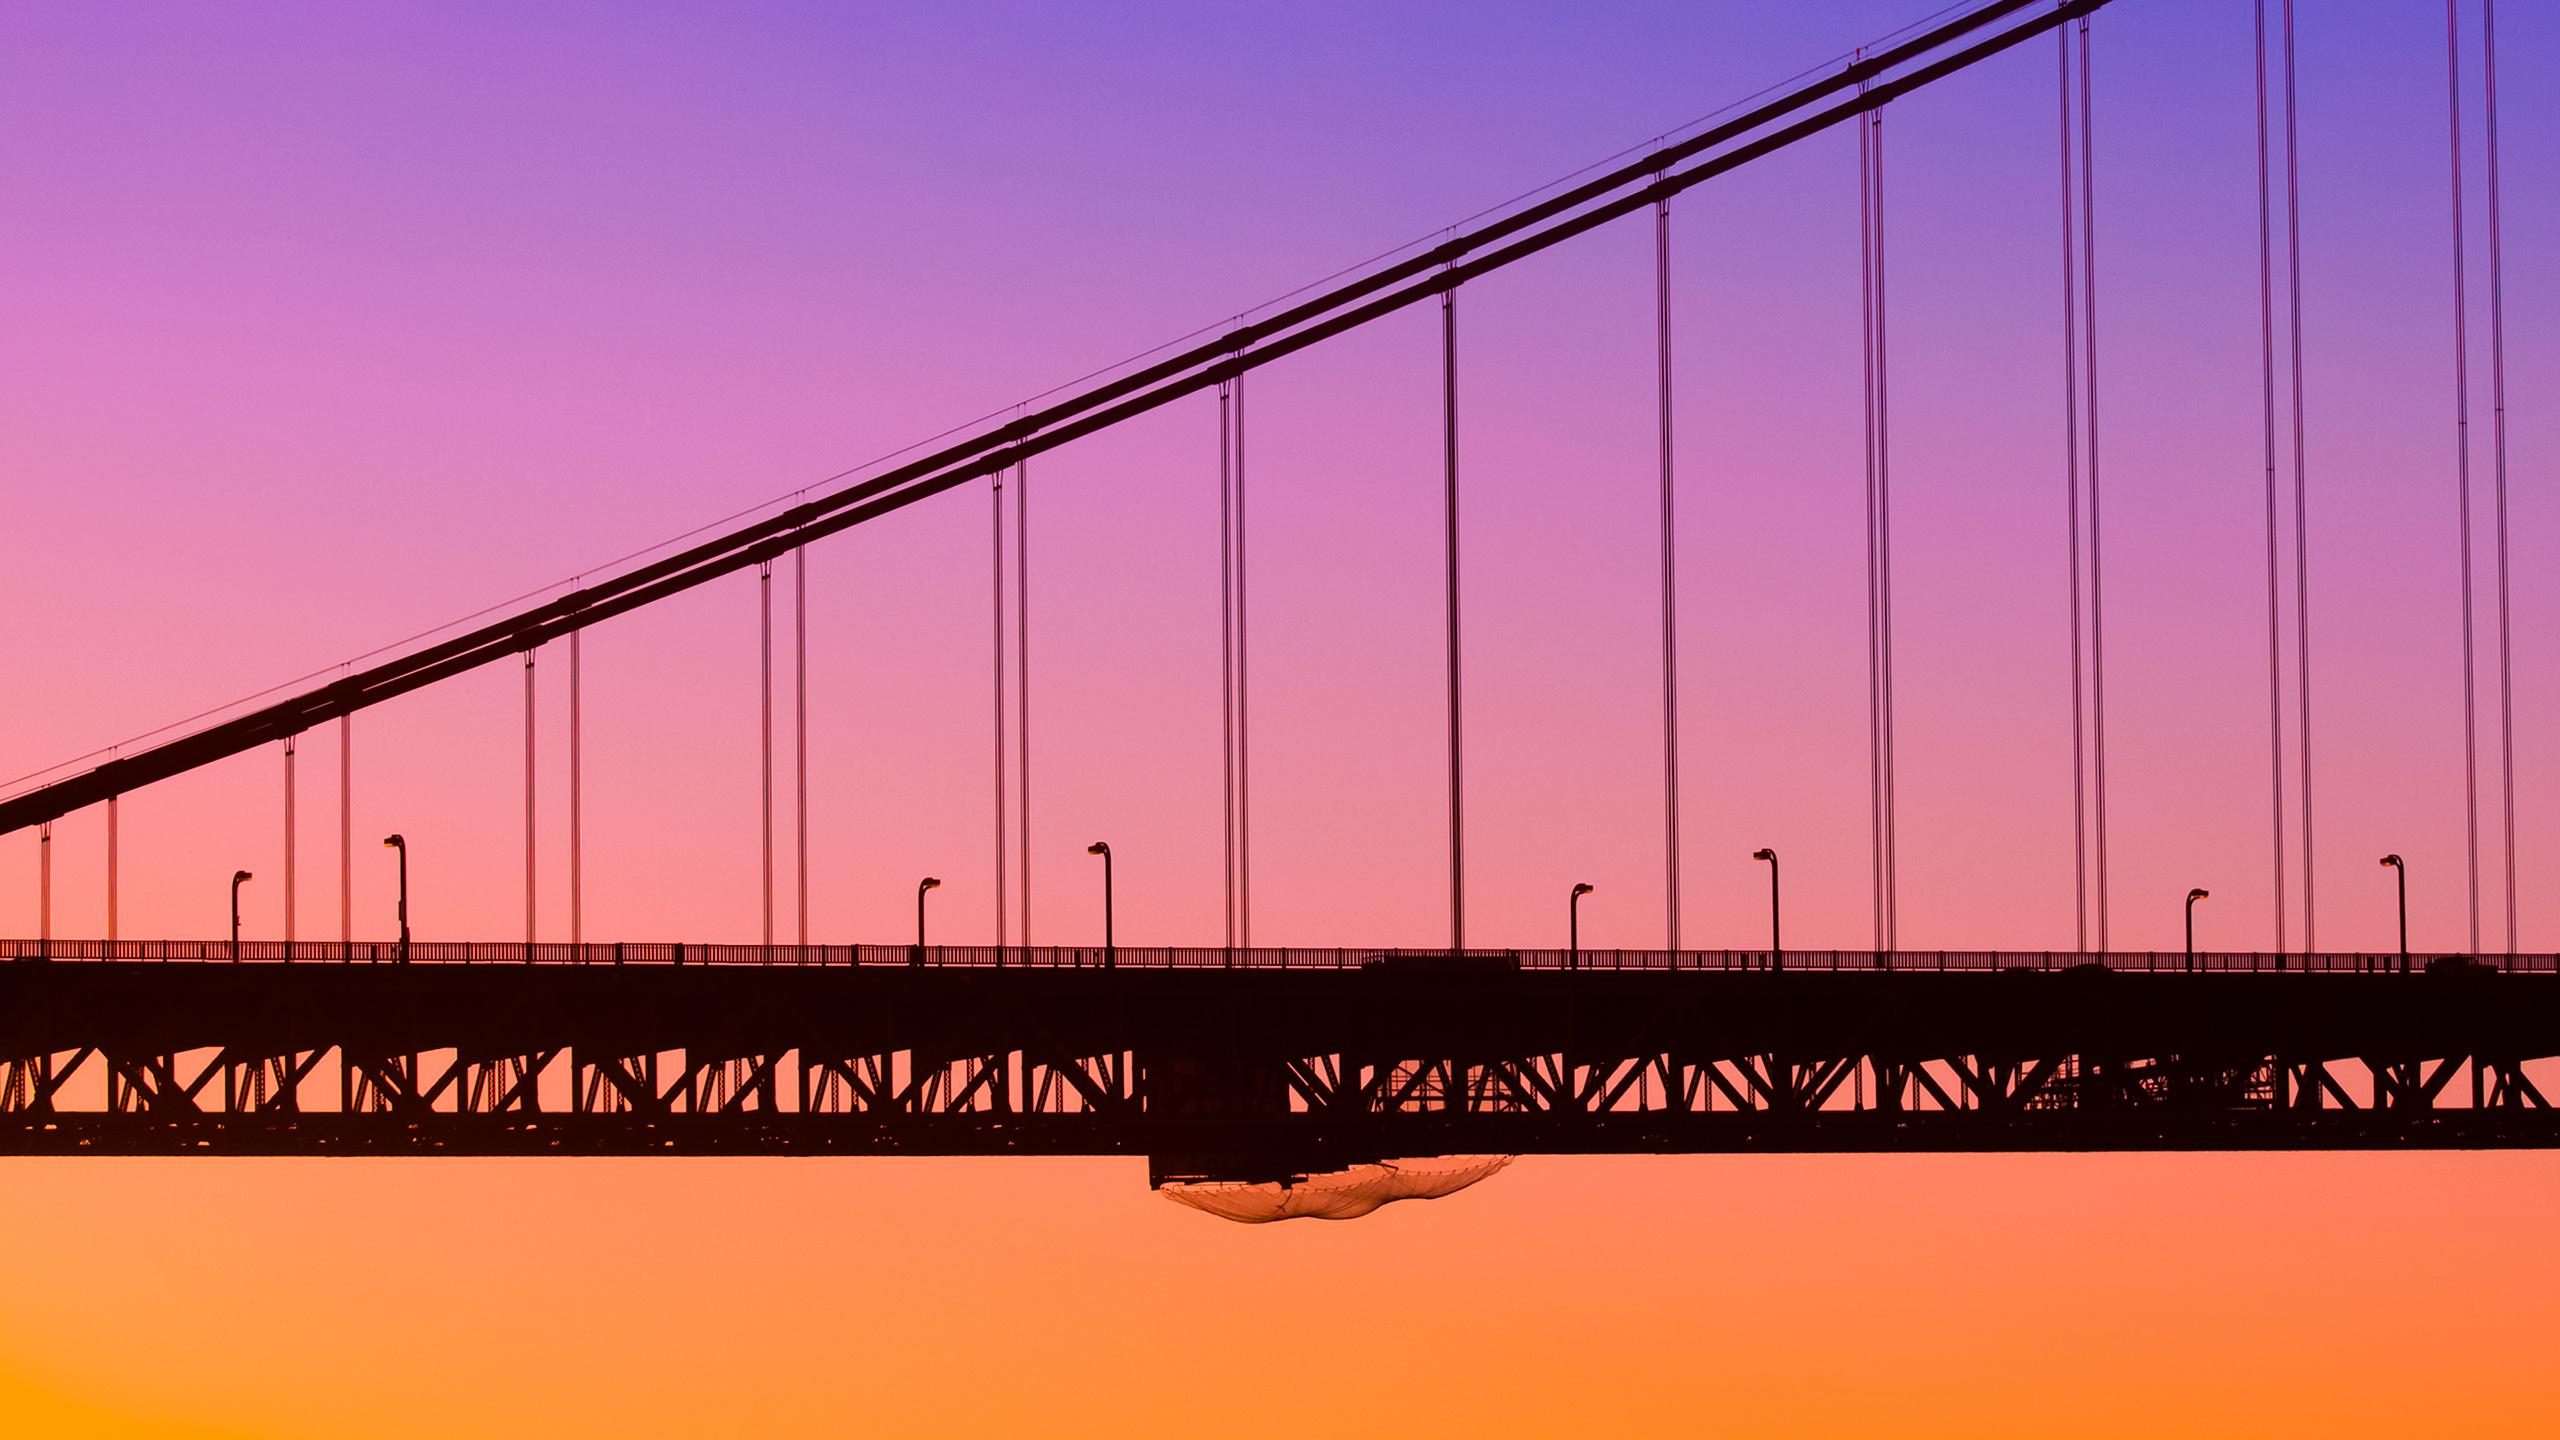 natural_sunset_wallpaper_2560x1440